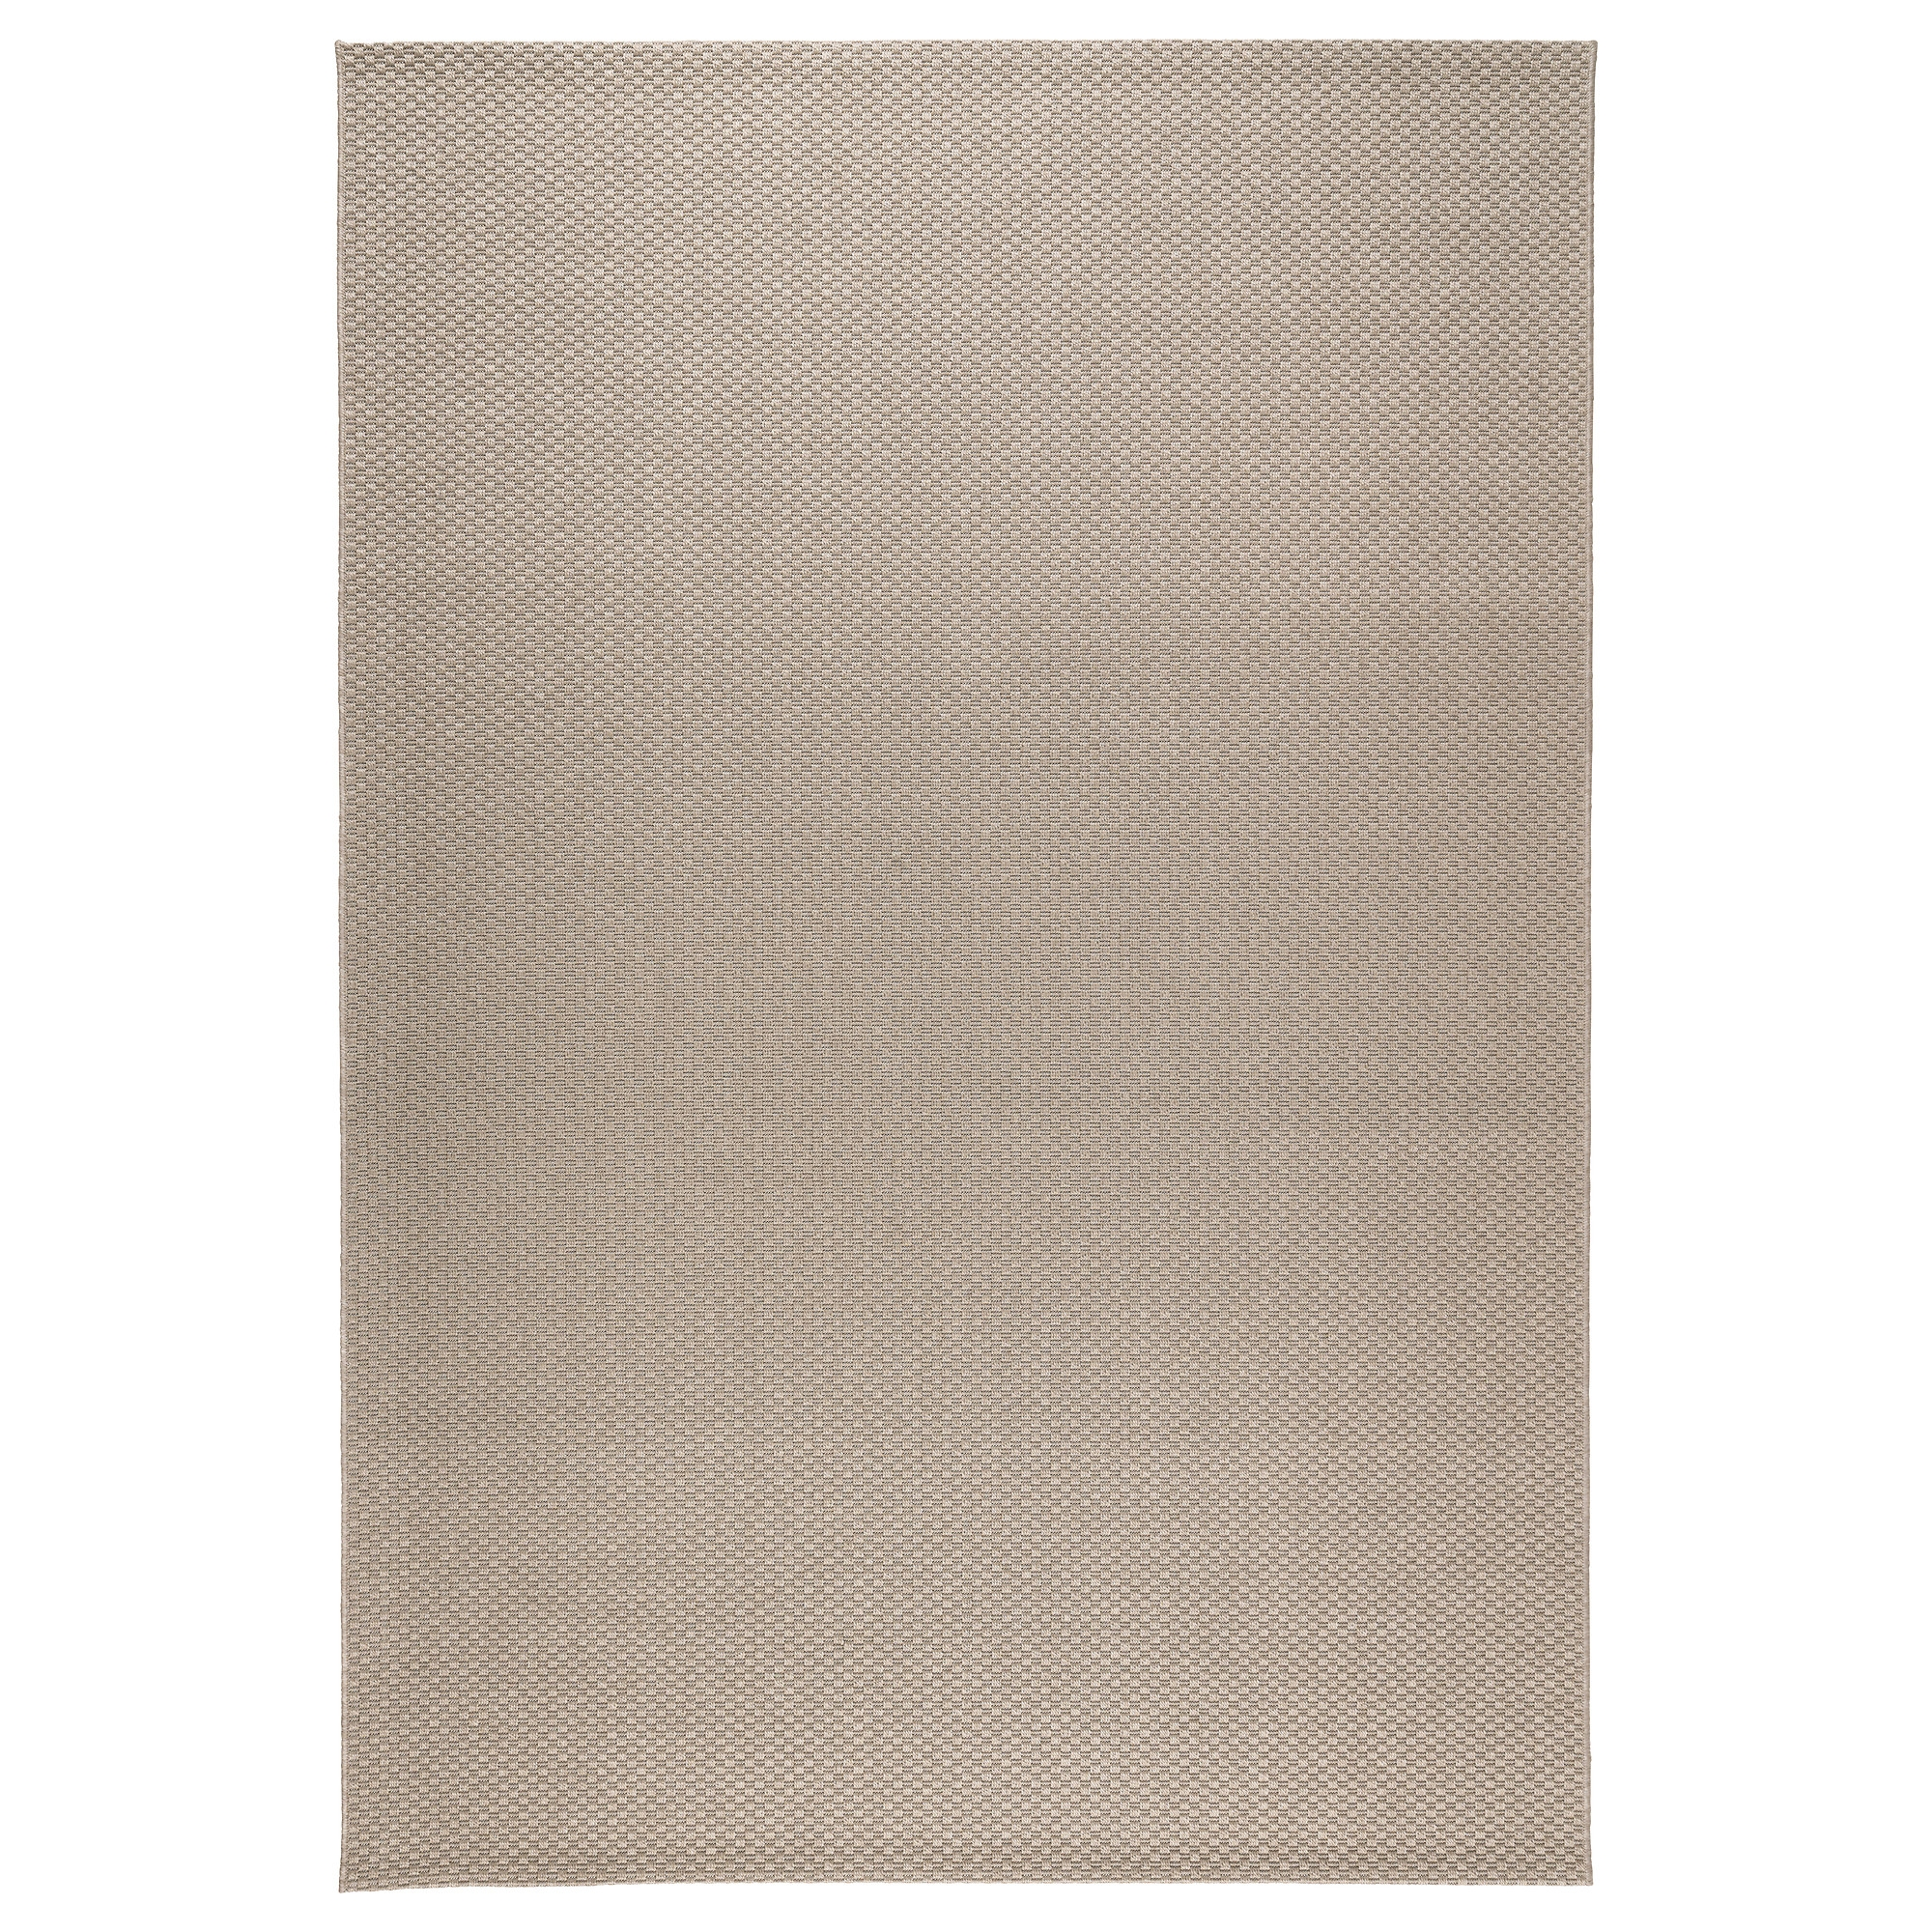 Morum alfombra lisa - Ikea textiles y alfombras ...